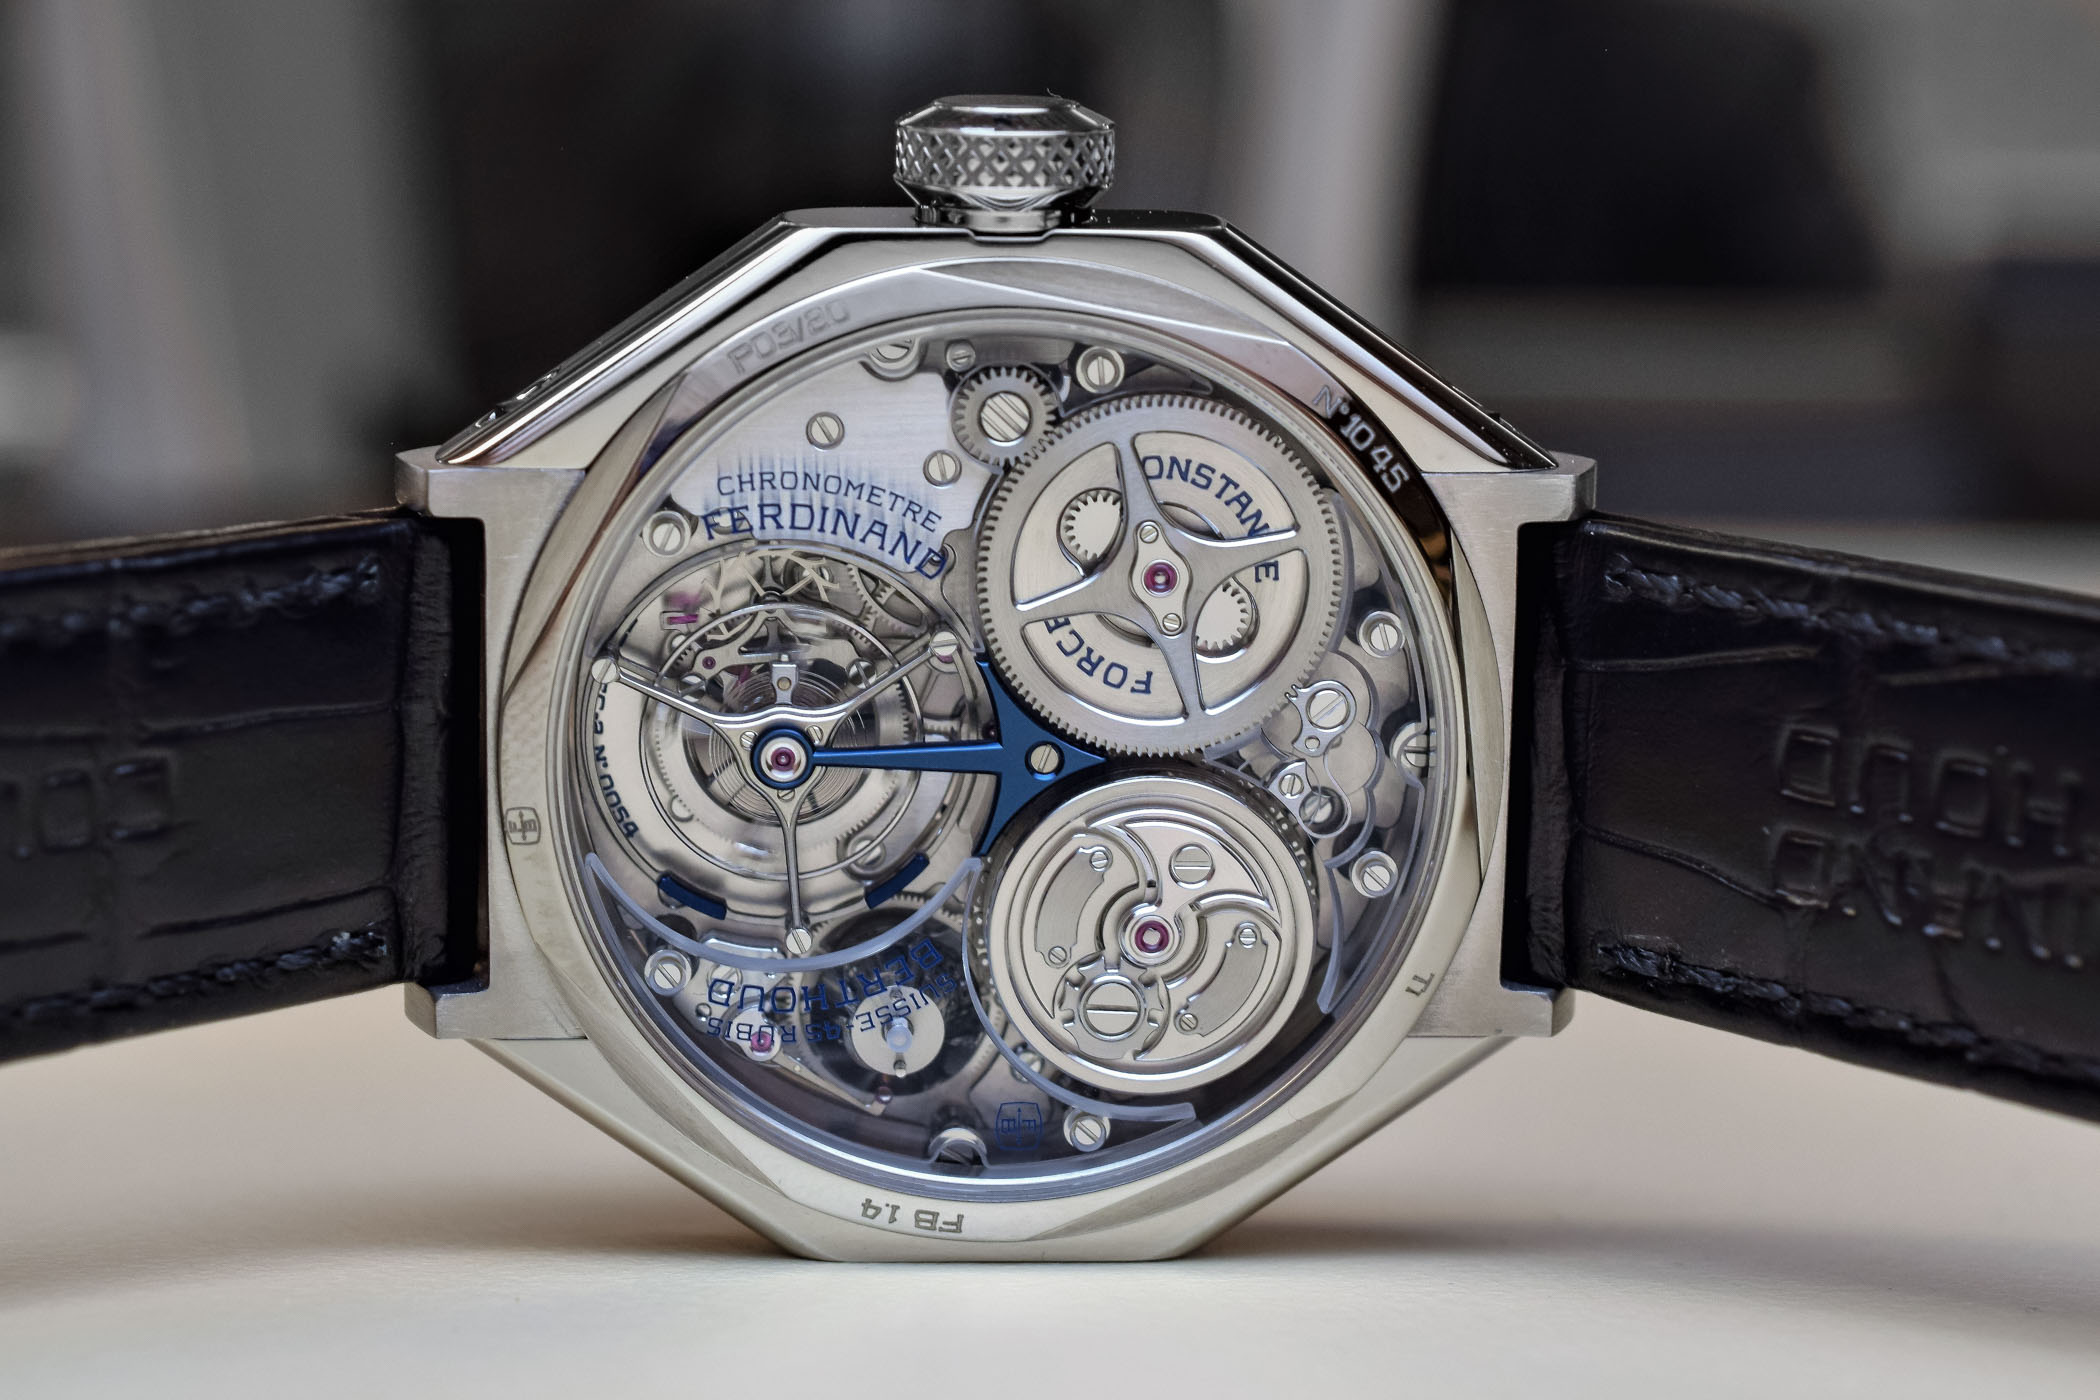 Ferdinand Berthoud Chronometre FB1.4 Titanium Case - Sapphire Bridges